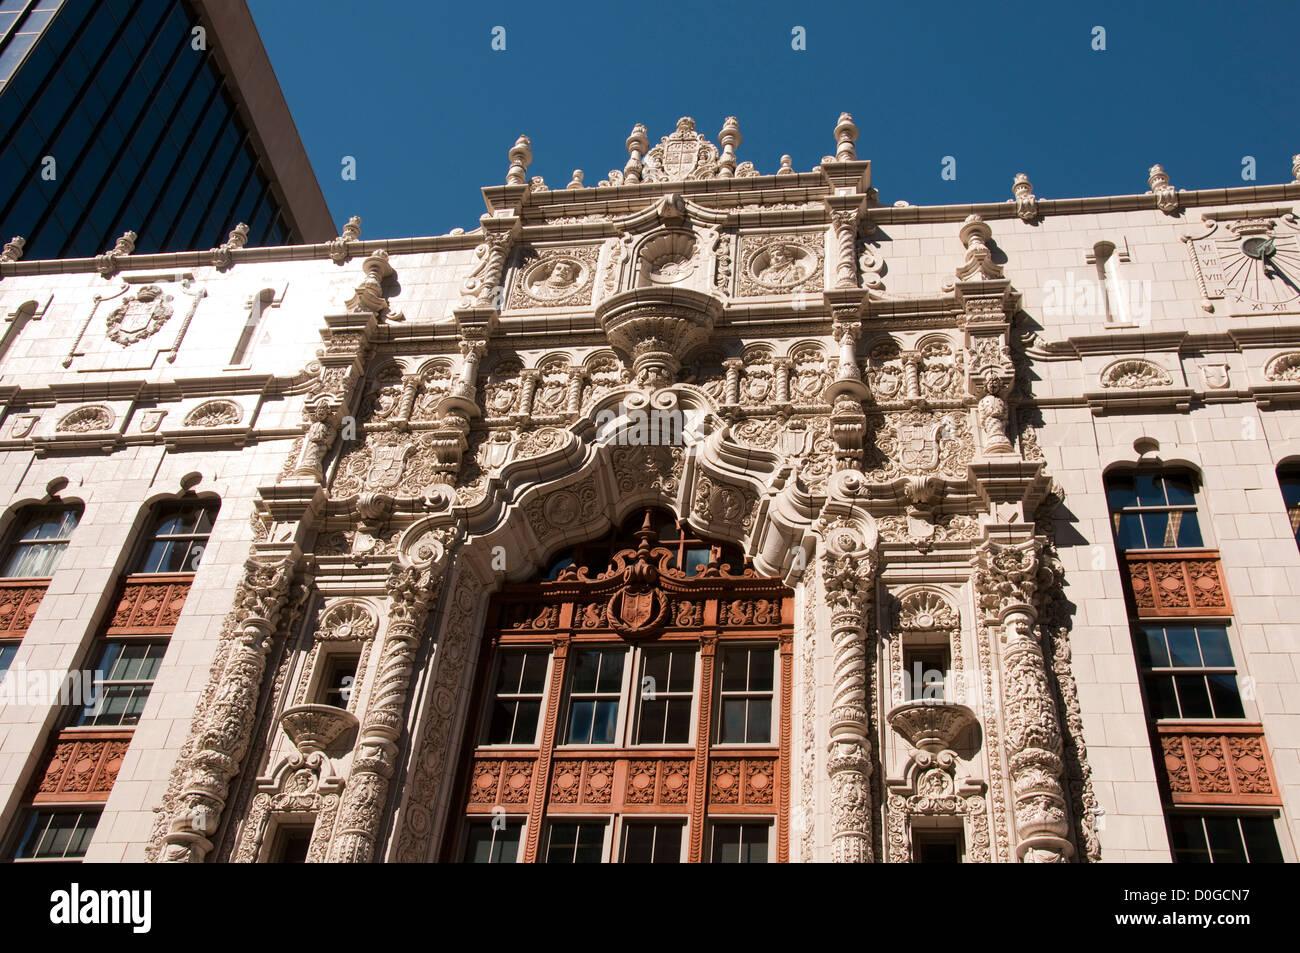 Stati Uniti d'America, Indiana Indianapolis Downtown architettura. Immagini Stock